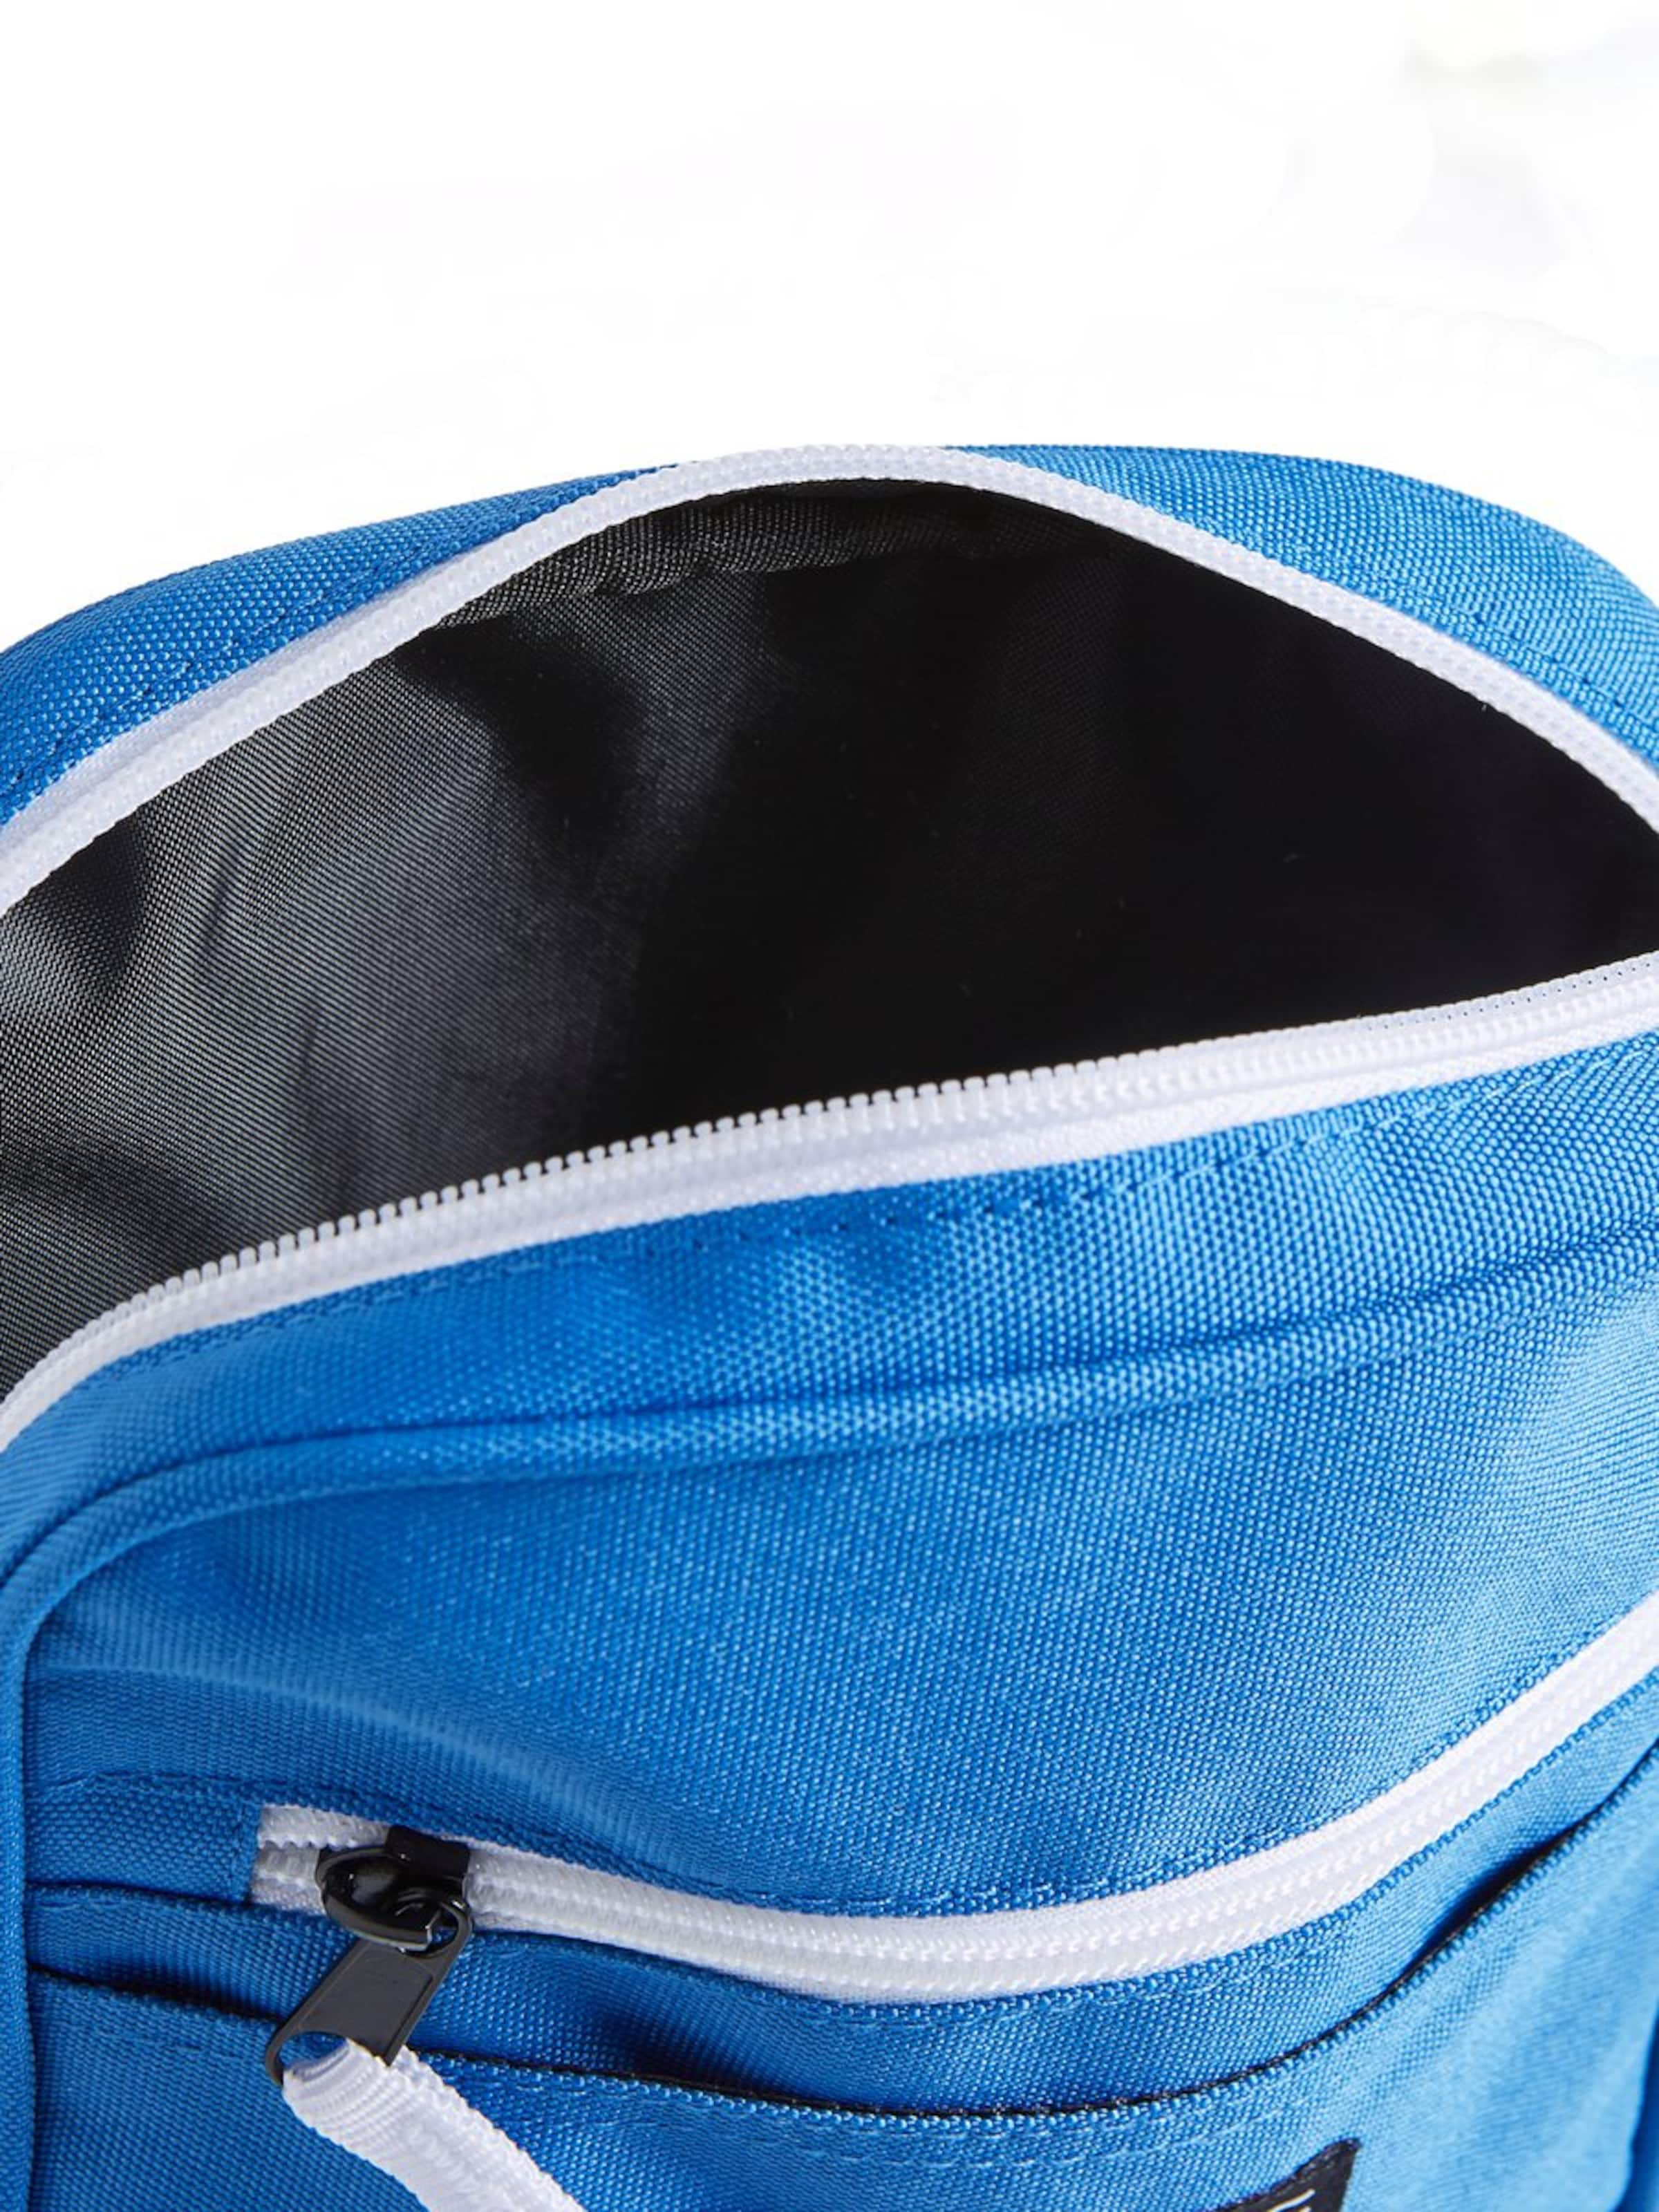 Praktische Jones Tasche HimmelblauWeiß Jackamp; Sling In dxoBeCrW